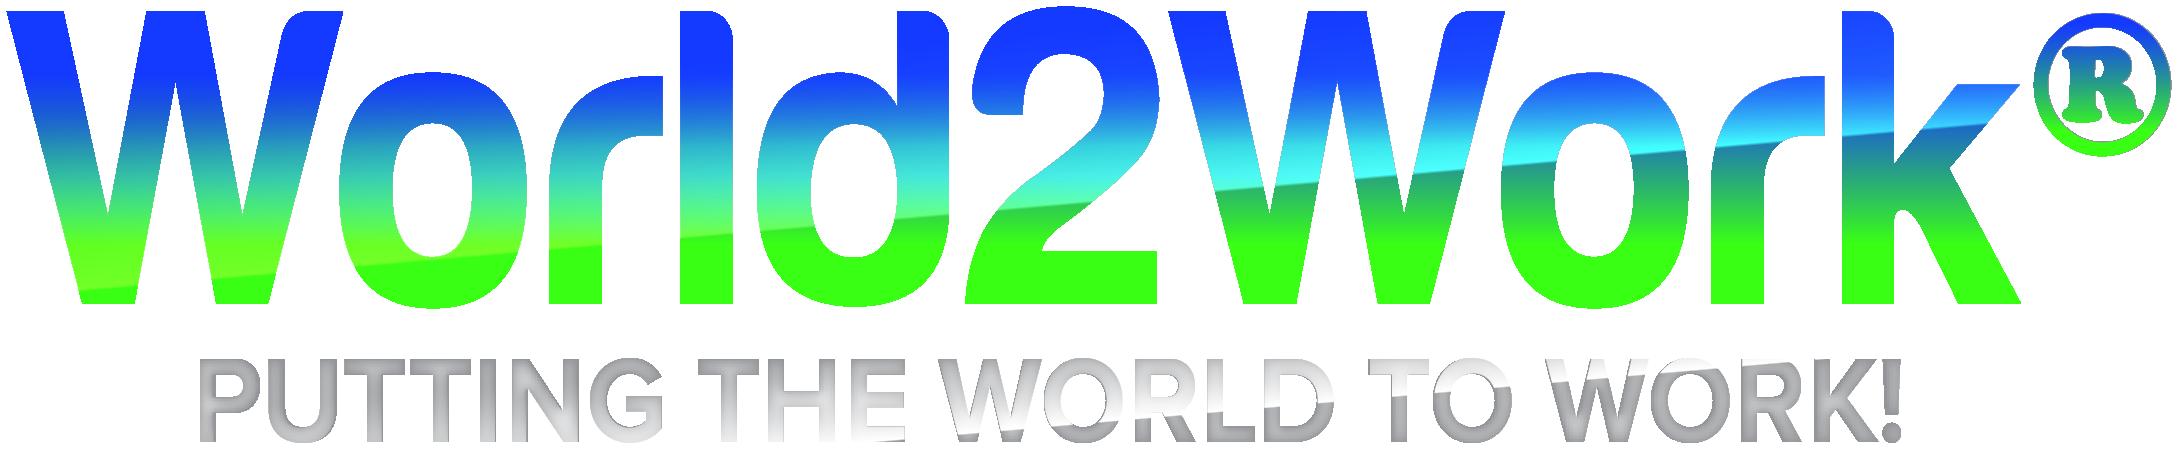 World2Work